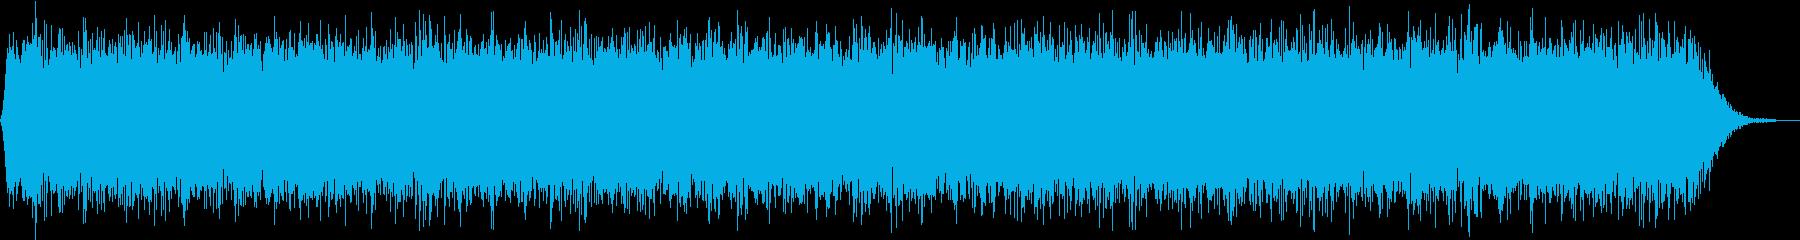 【アンビエント】ドローン_49 実験音の再生済みの波形